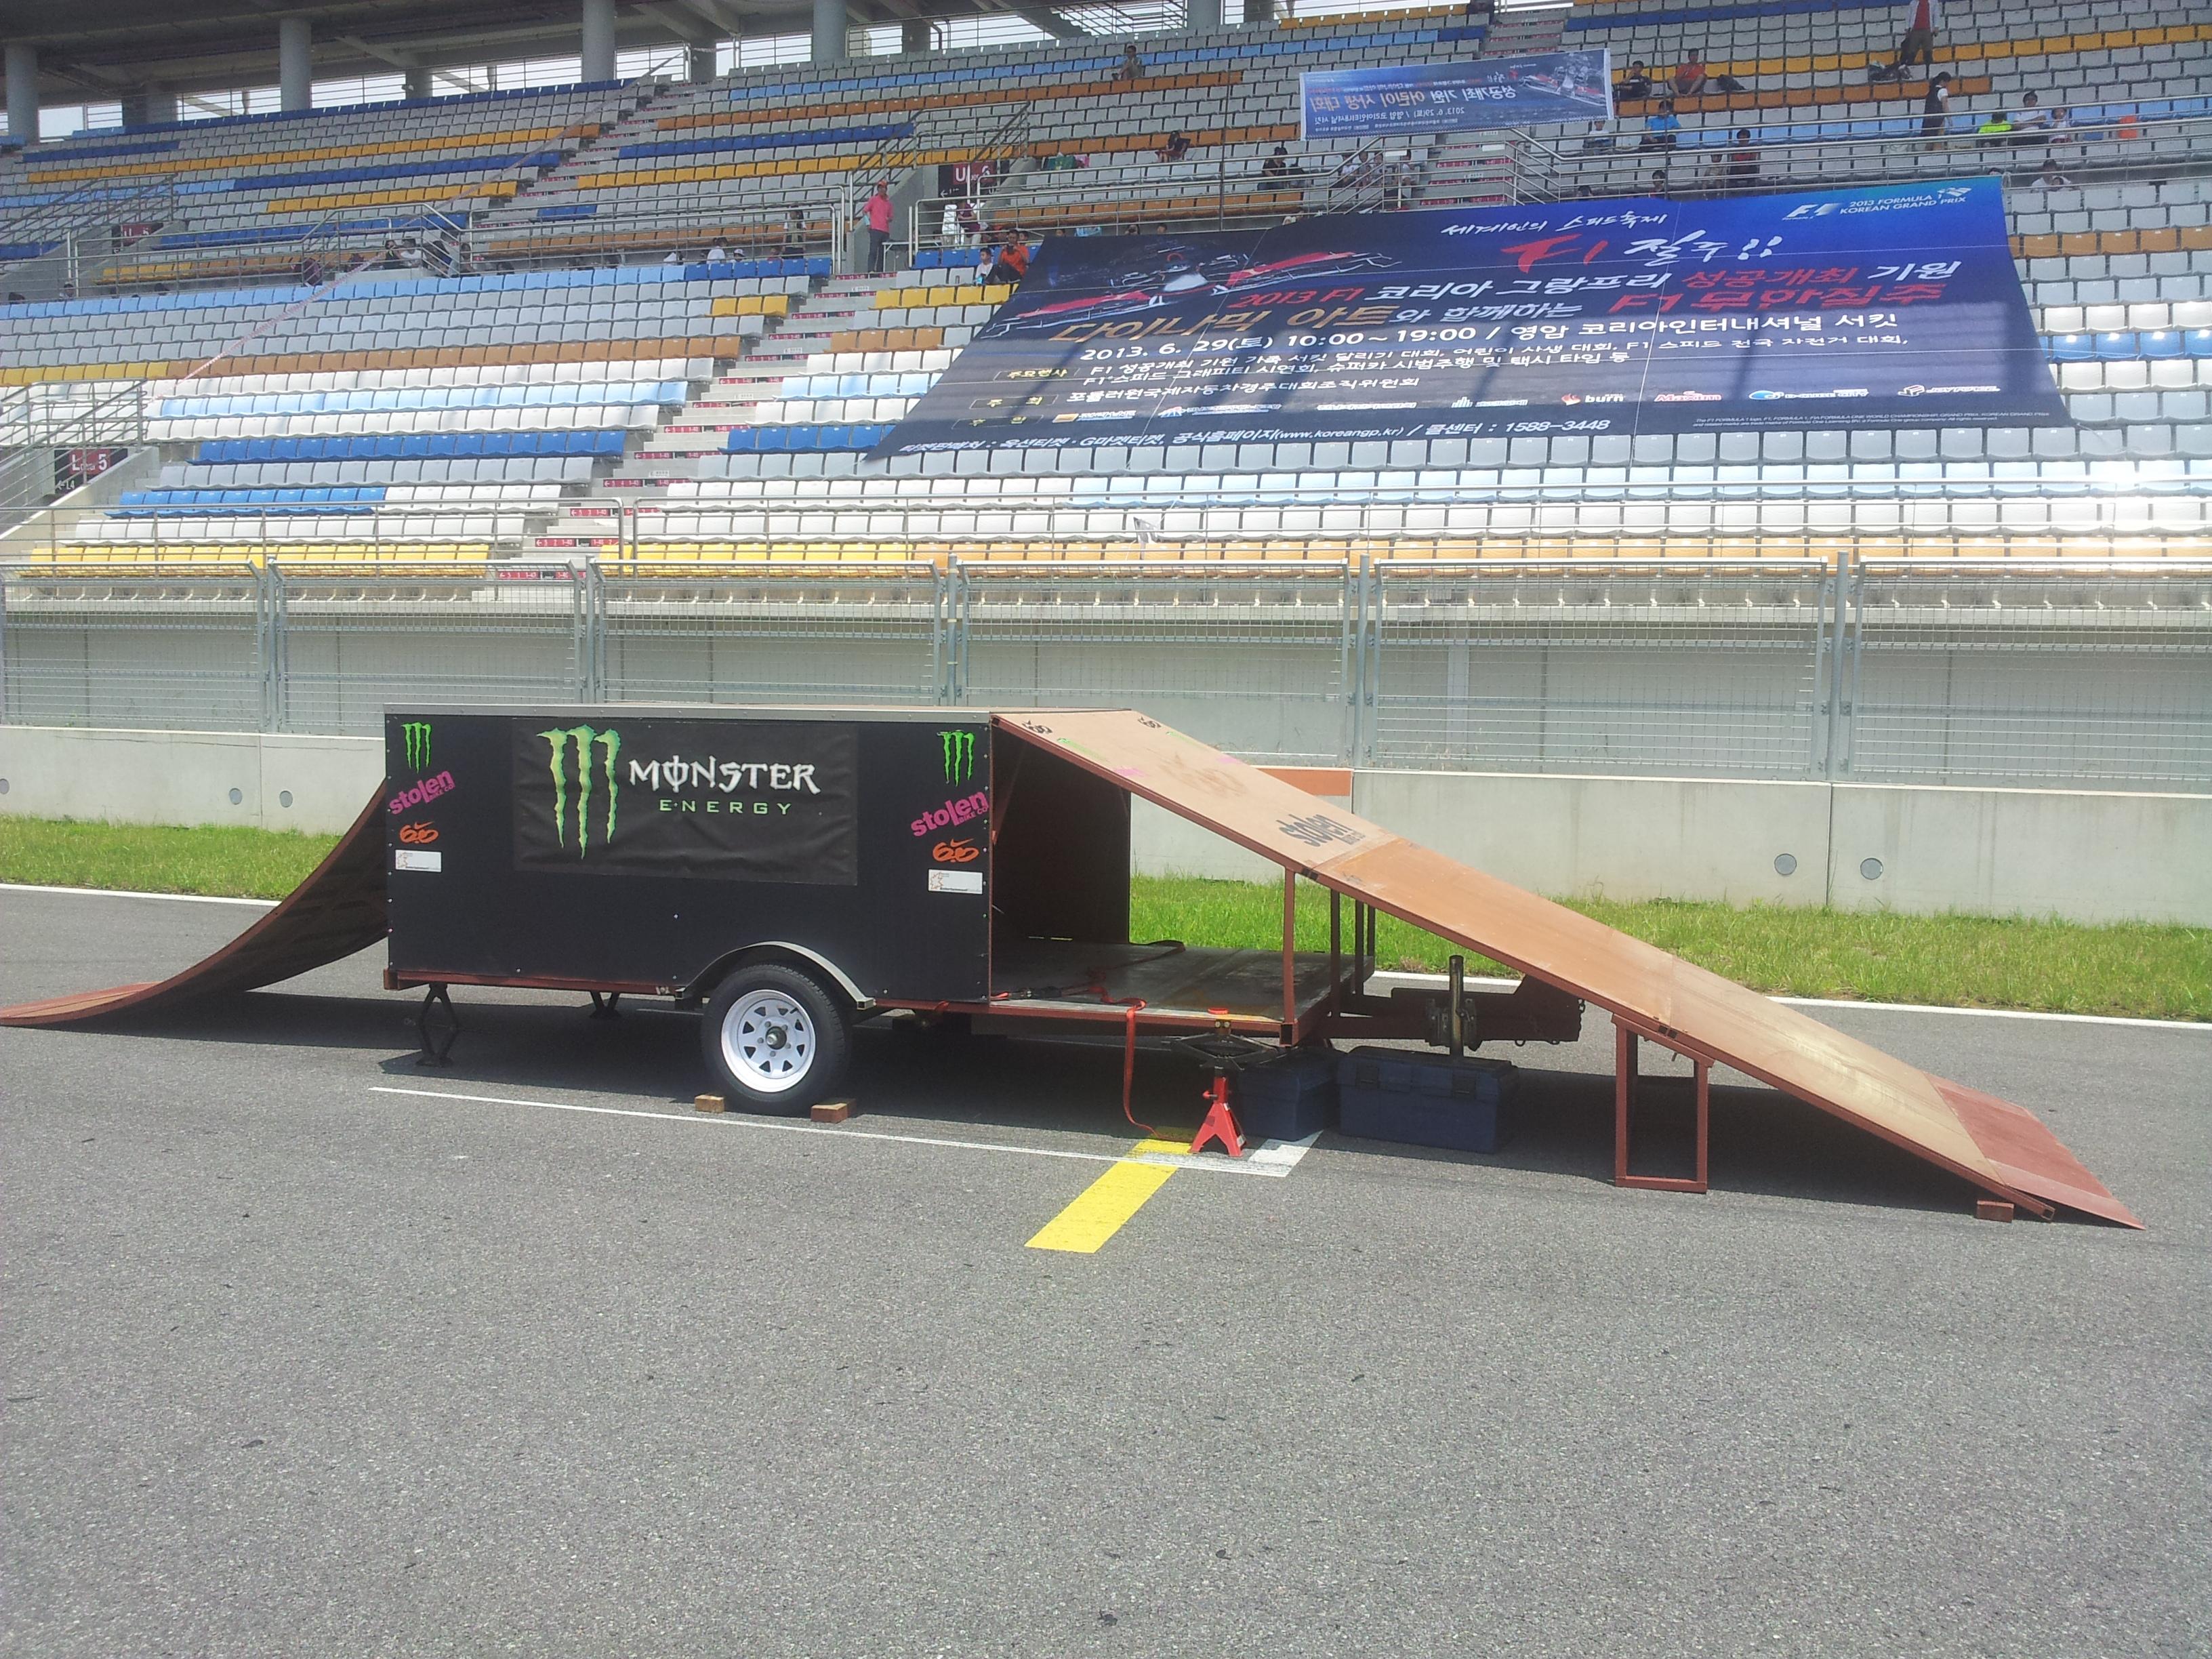 영암 F1 트렉에 설치된 트레일러